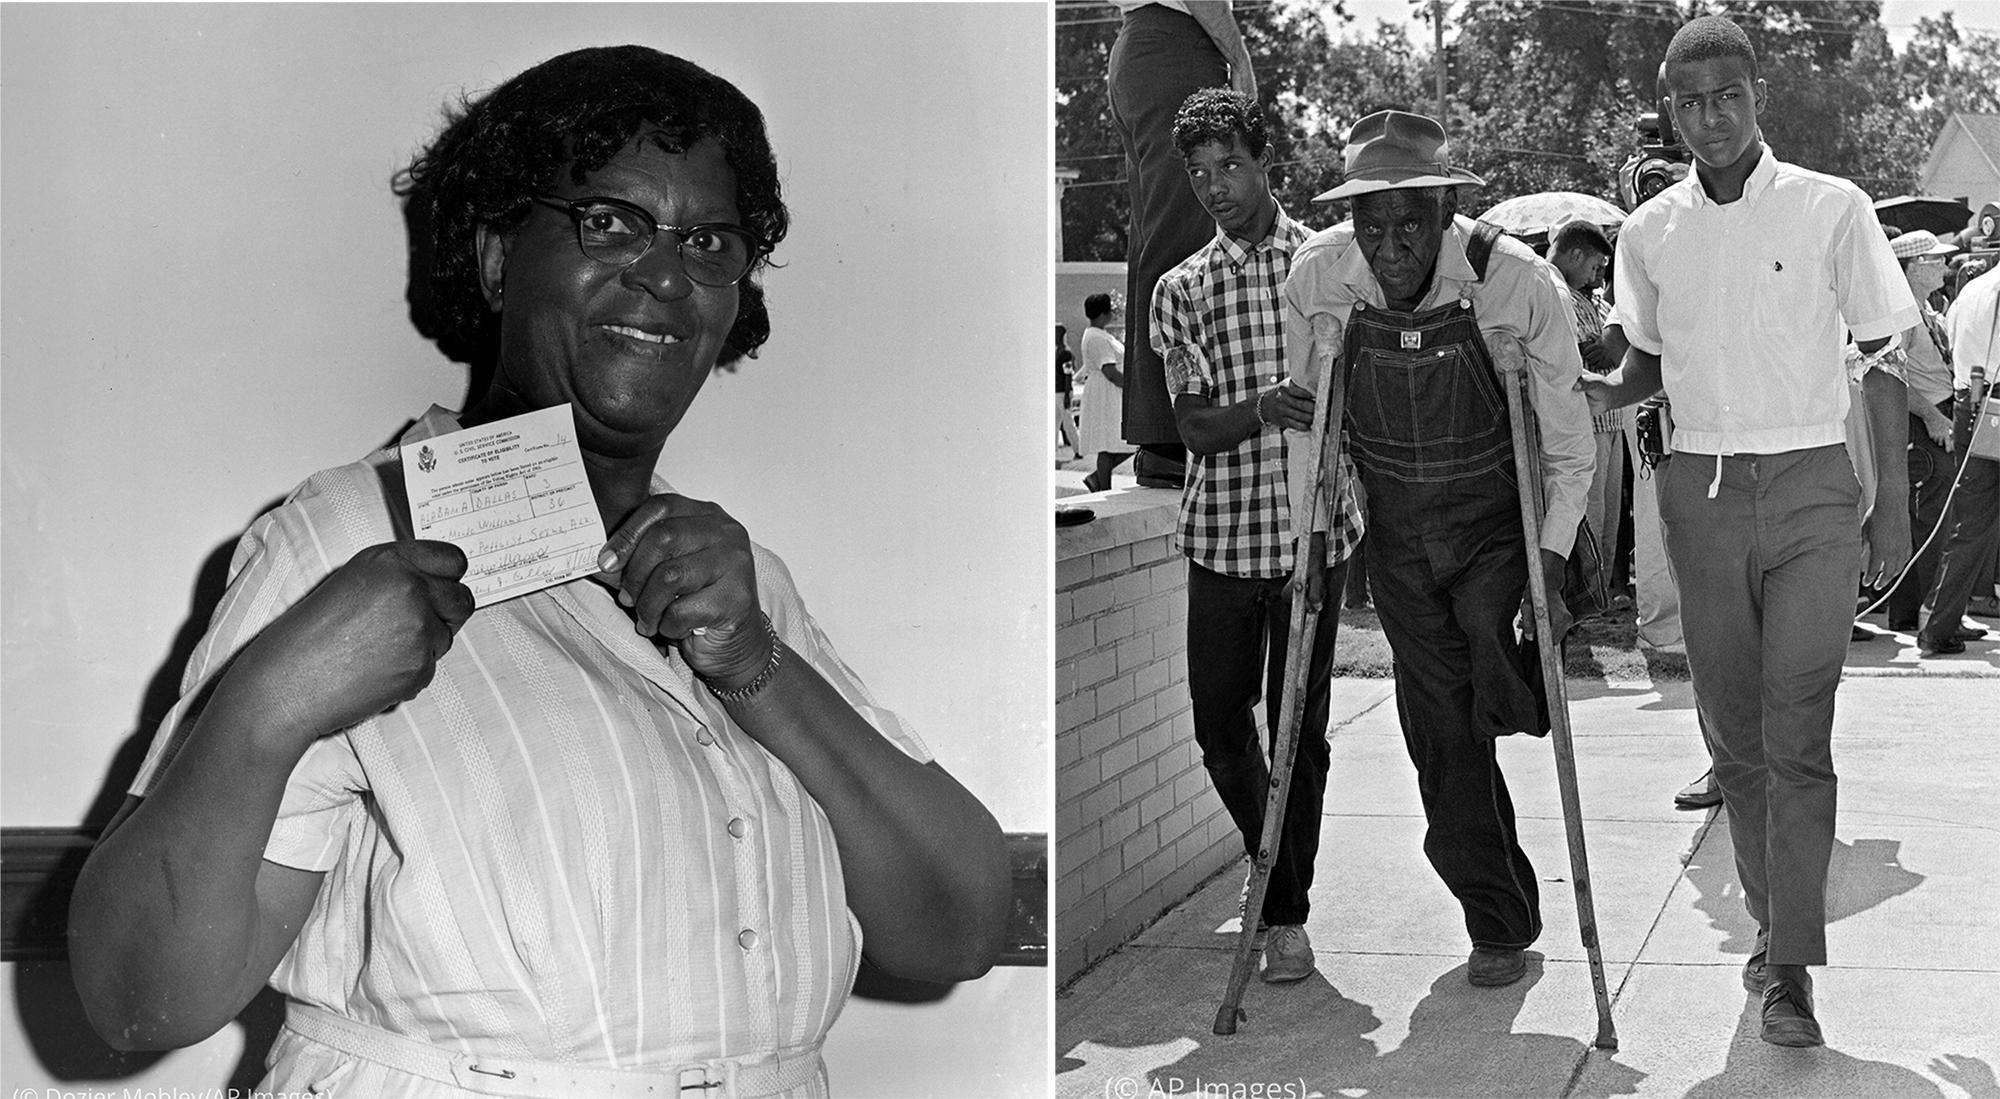 Две фотографии: черная женщина с сертификацией в руках (© Dozier Mobley/AP Images) и одноногий черный мужчина на костылях, которому помогает двое молодых людей (© AP Images)